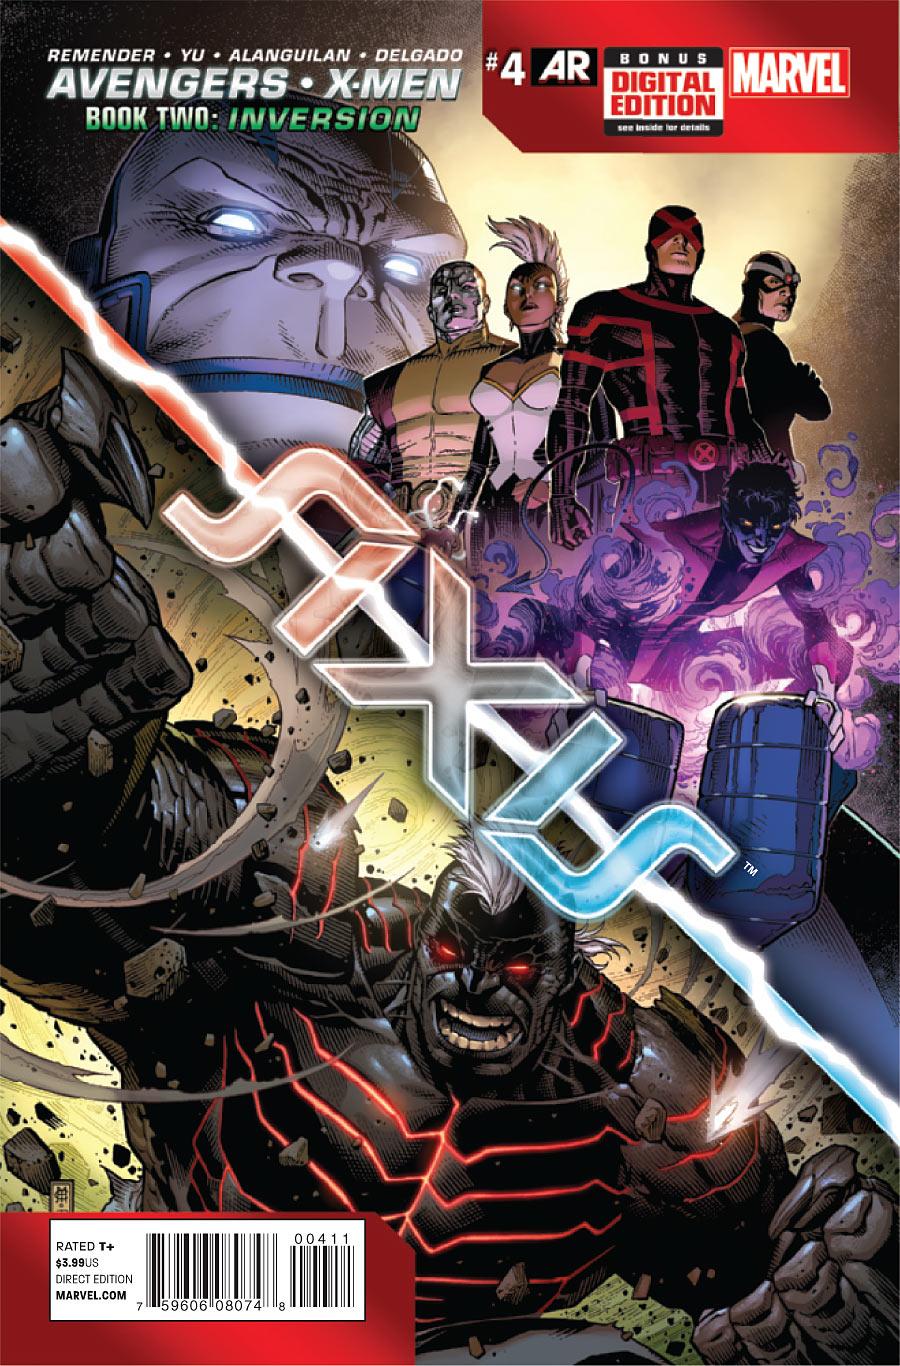 Avengers_&_X-Men_AXIS_Vol_1_4 (1)